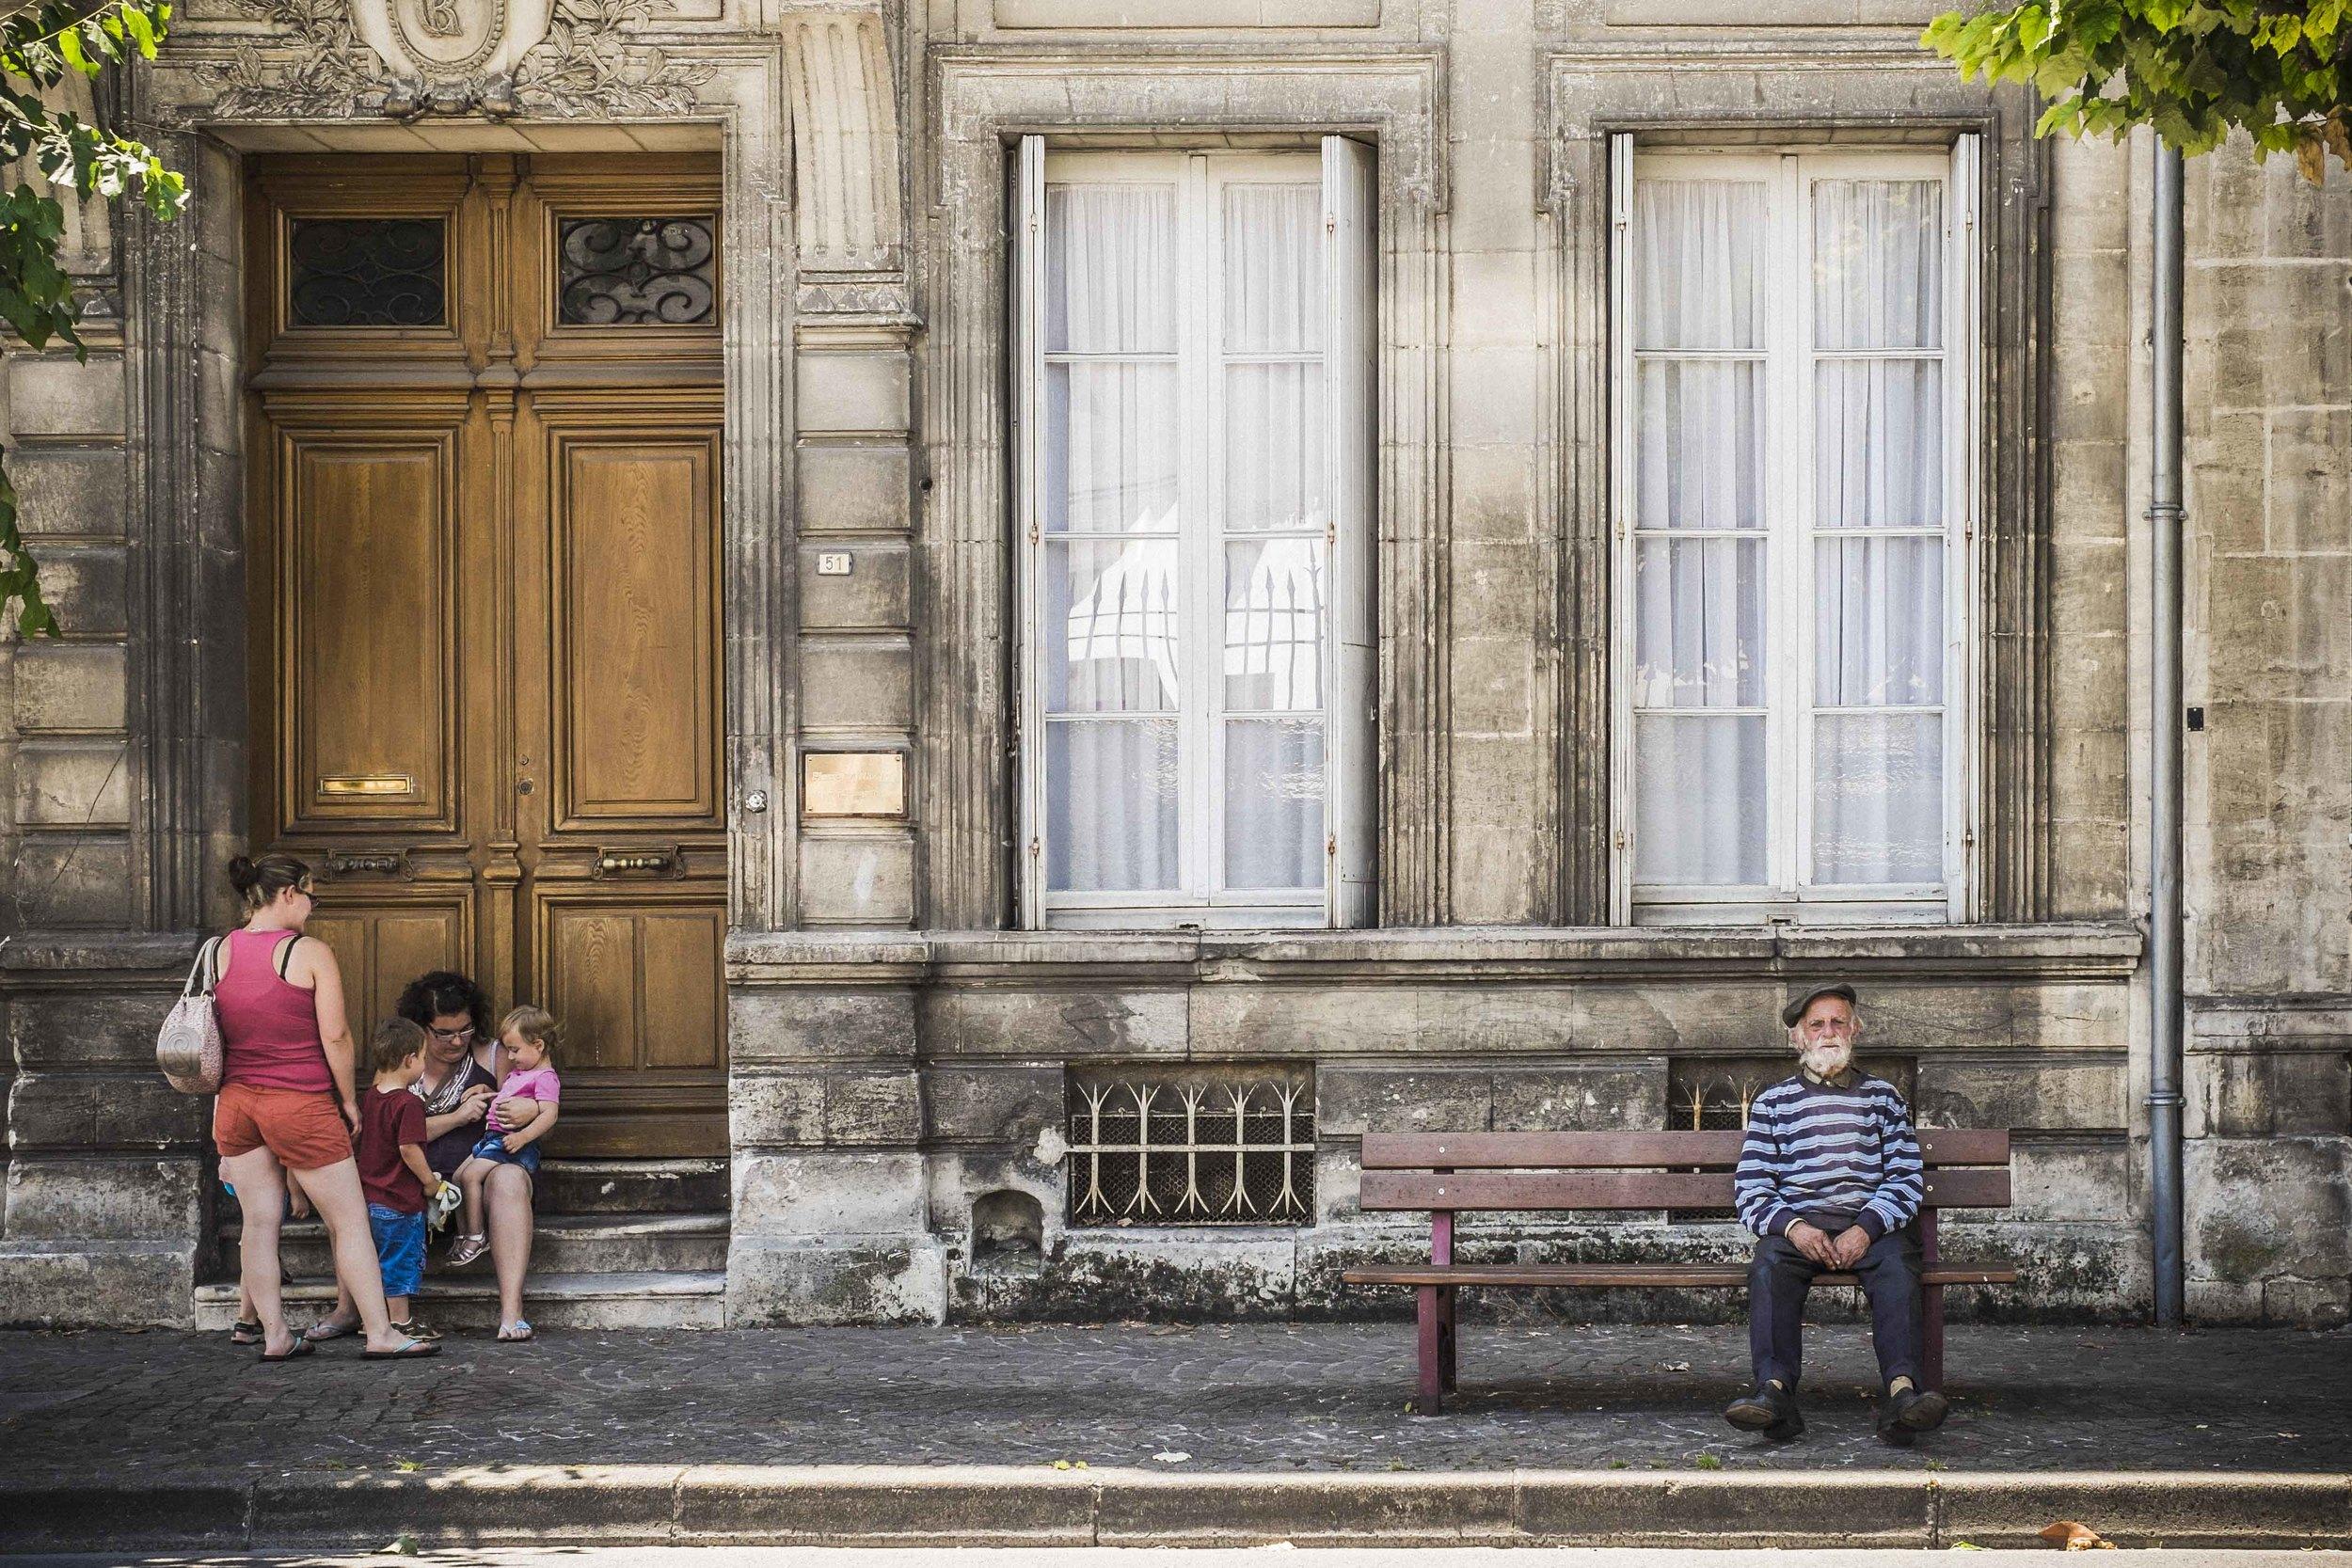 """""""Generations"""" - Cognac, France. Fujifilm X-T1 + 35mm f/1.4 @ f/4.5. 1/400"""